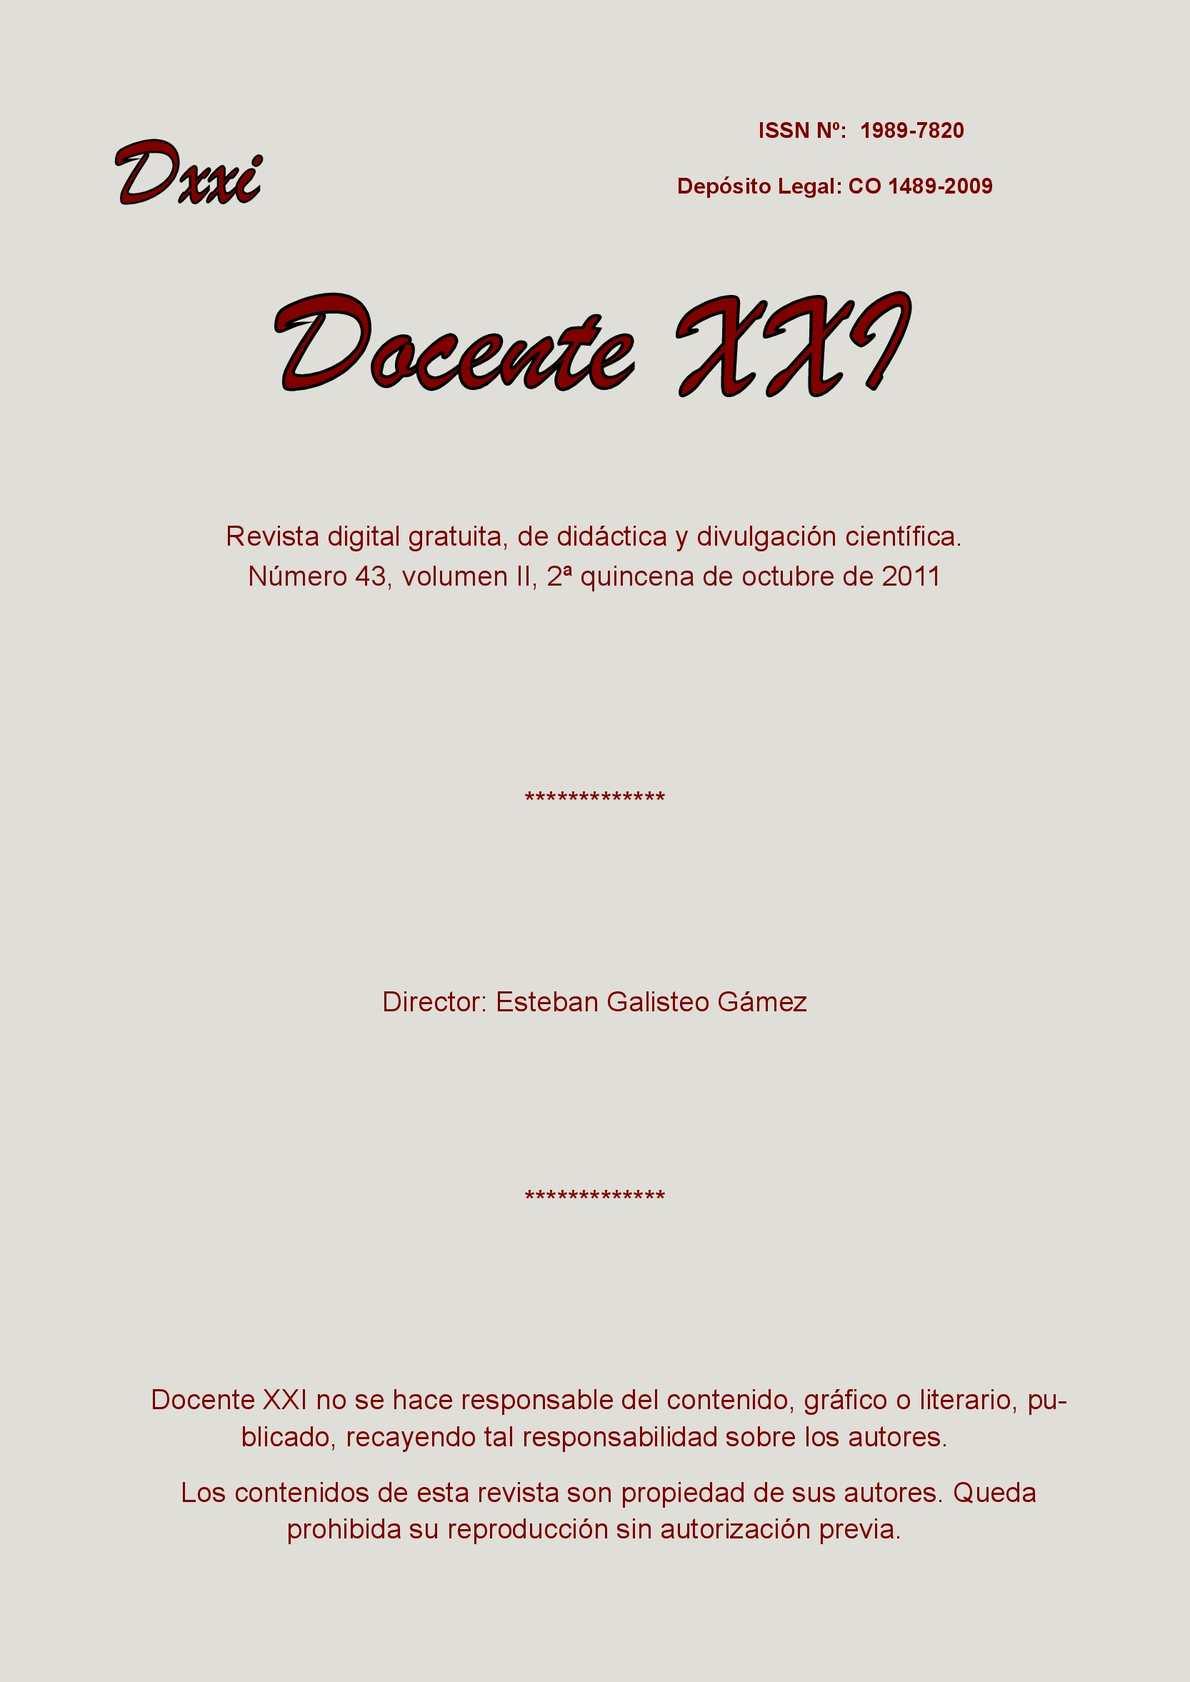 Calaméo - Docente XXI, Nº 43 Volumen II, 1ª quincena de octubre de 2011